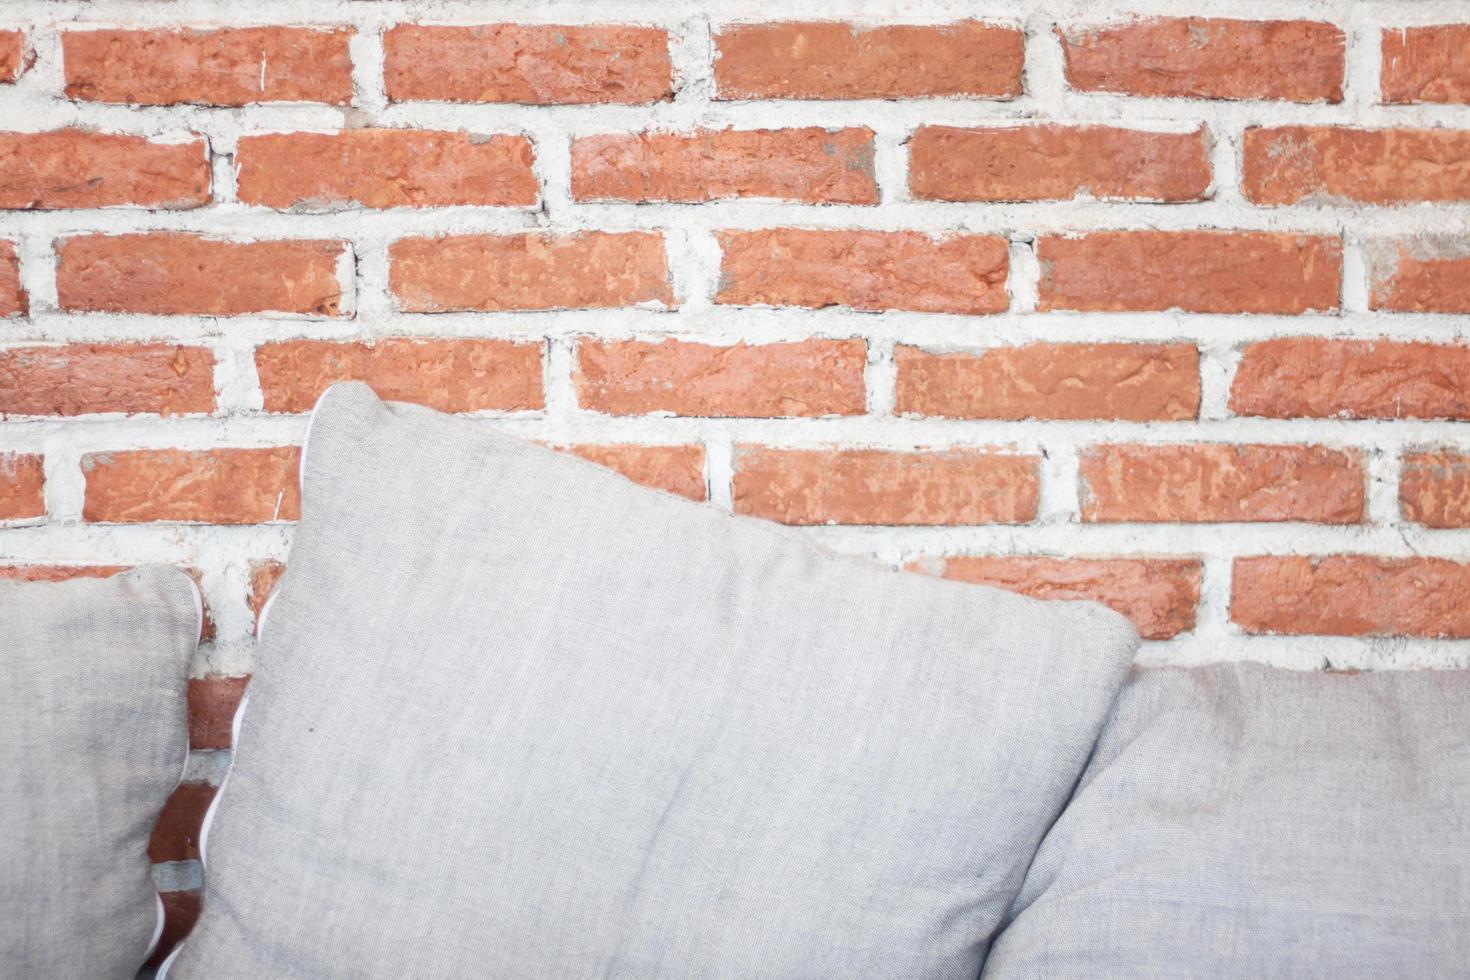 grijze kussens tegen een bakstenen muur foto